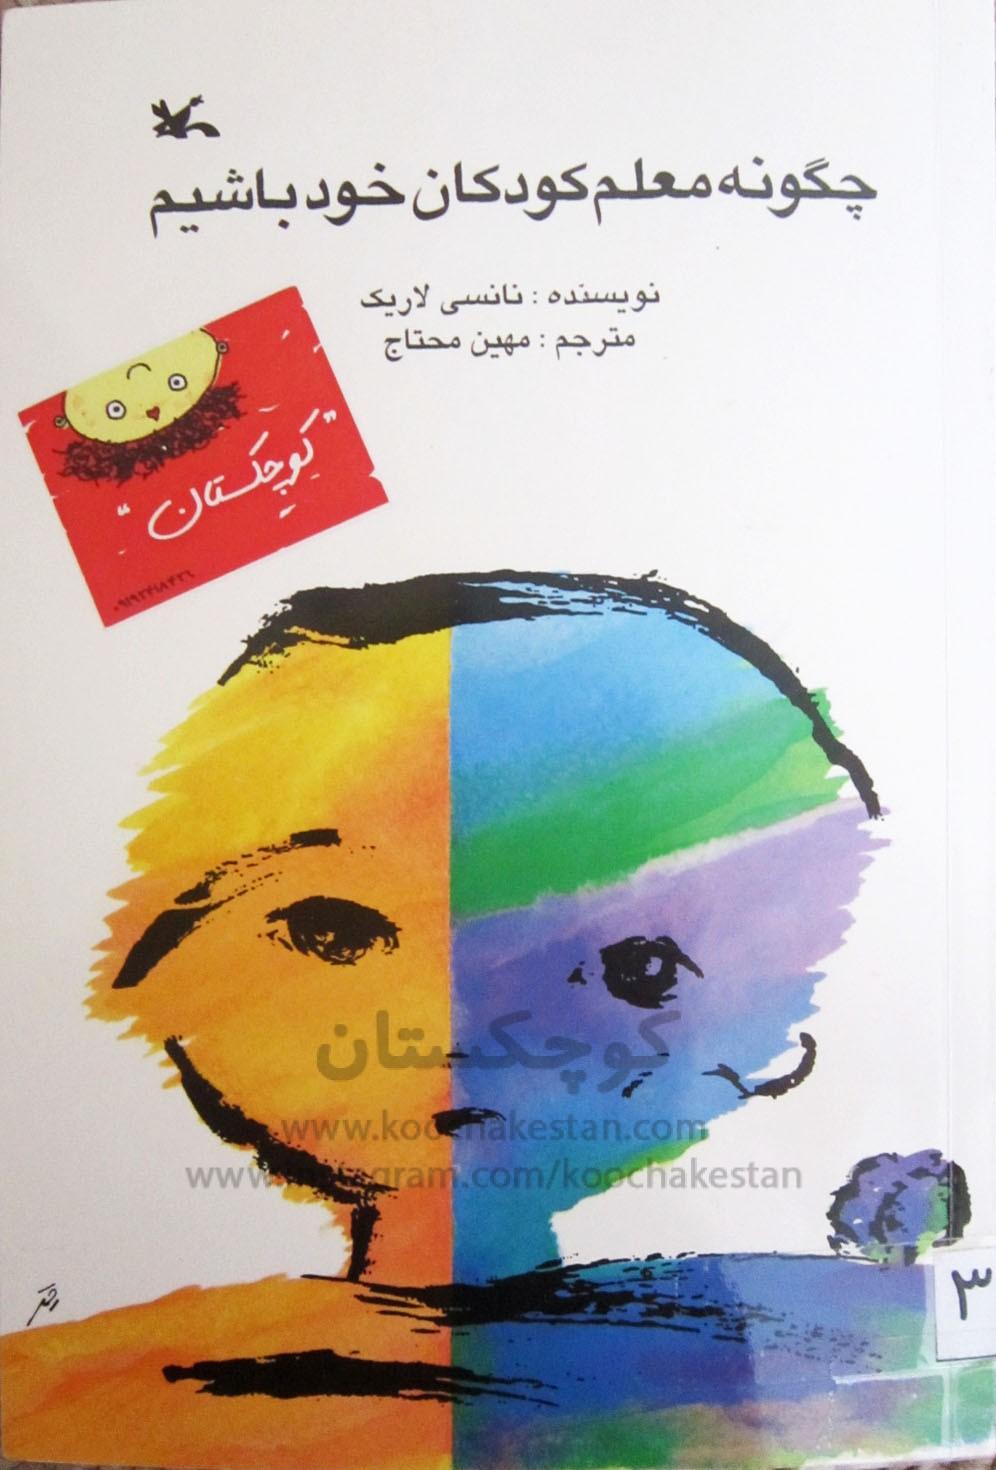 چگونه معلم کودکان خود باشیم - کتابخانه کودک - کوچکستان